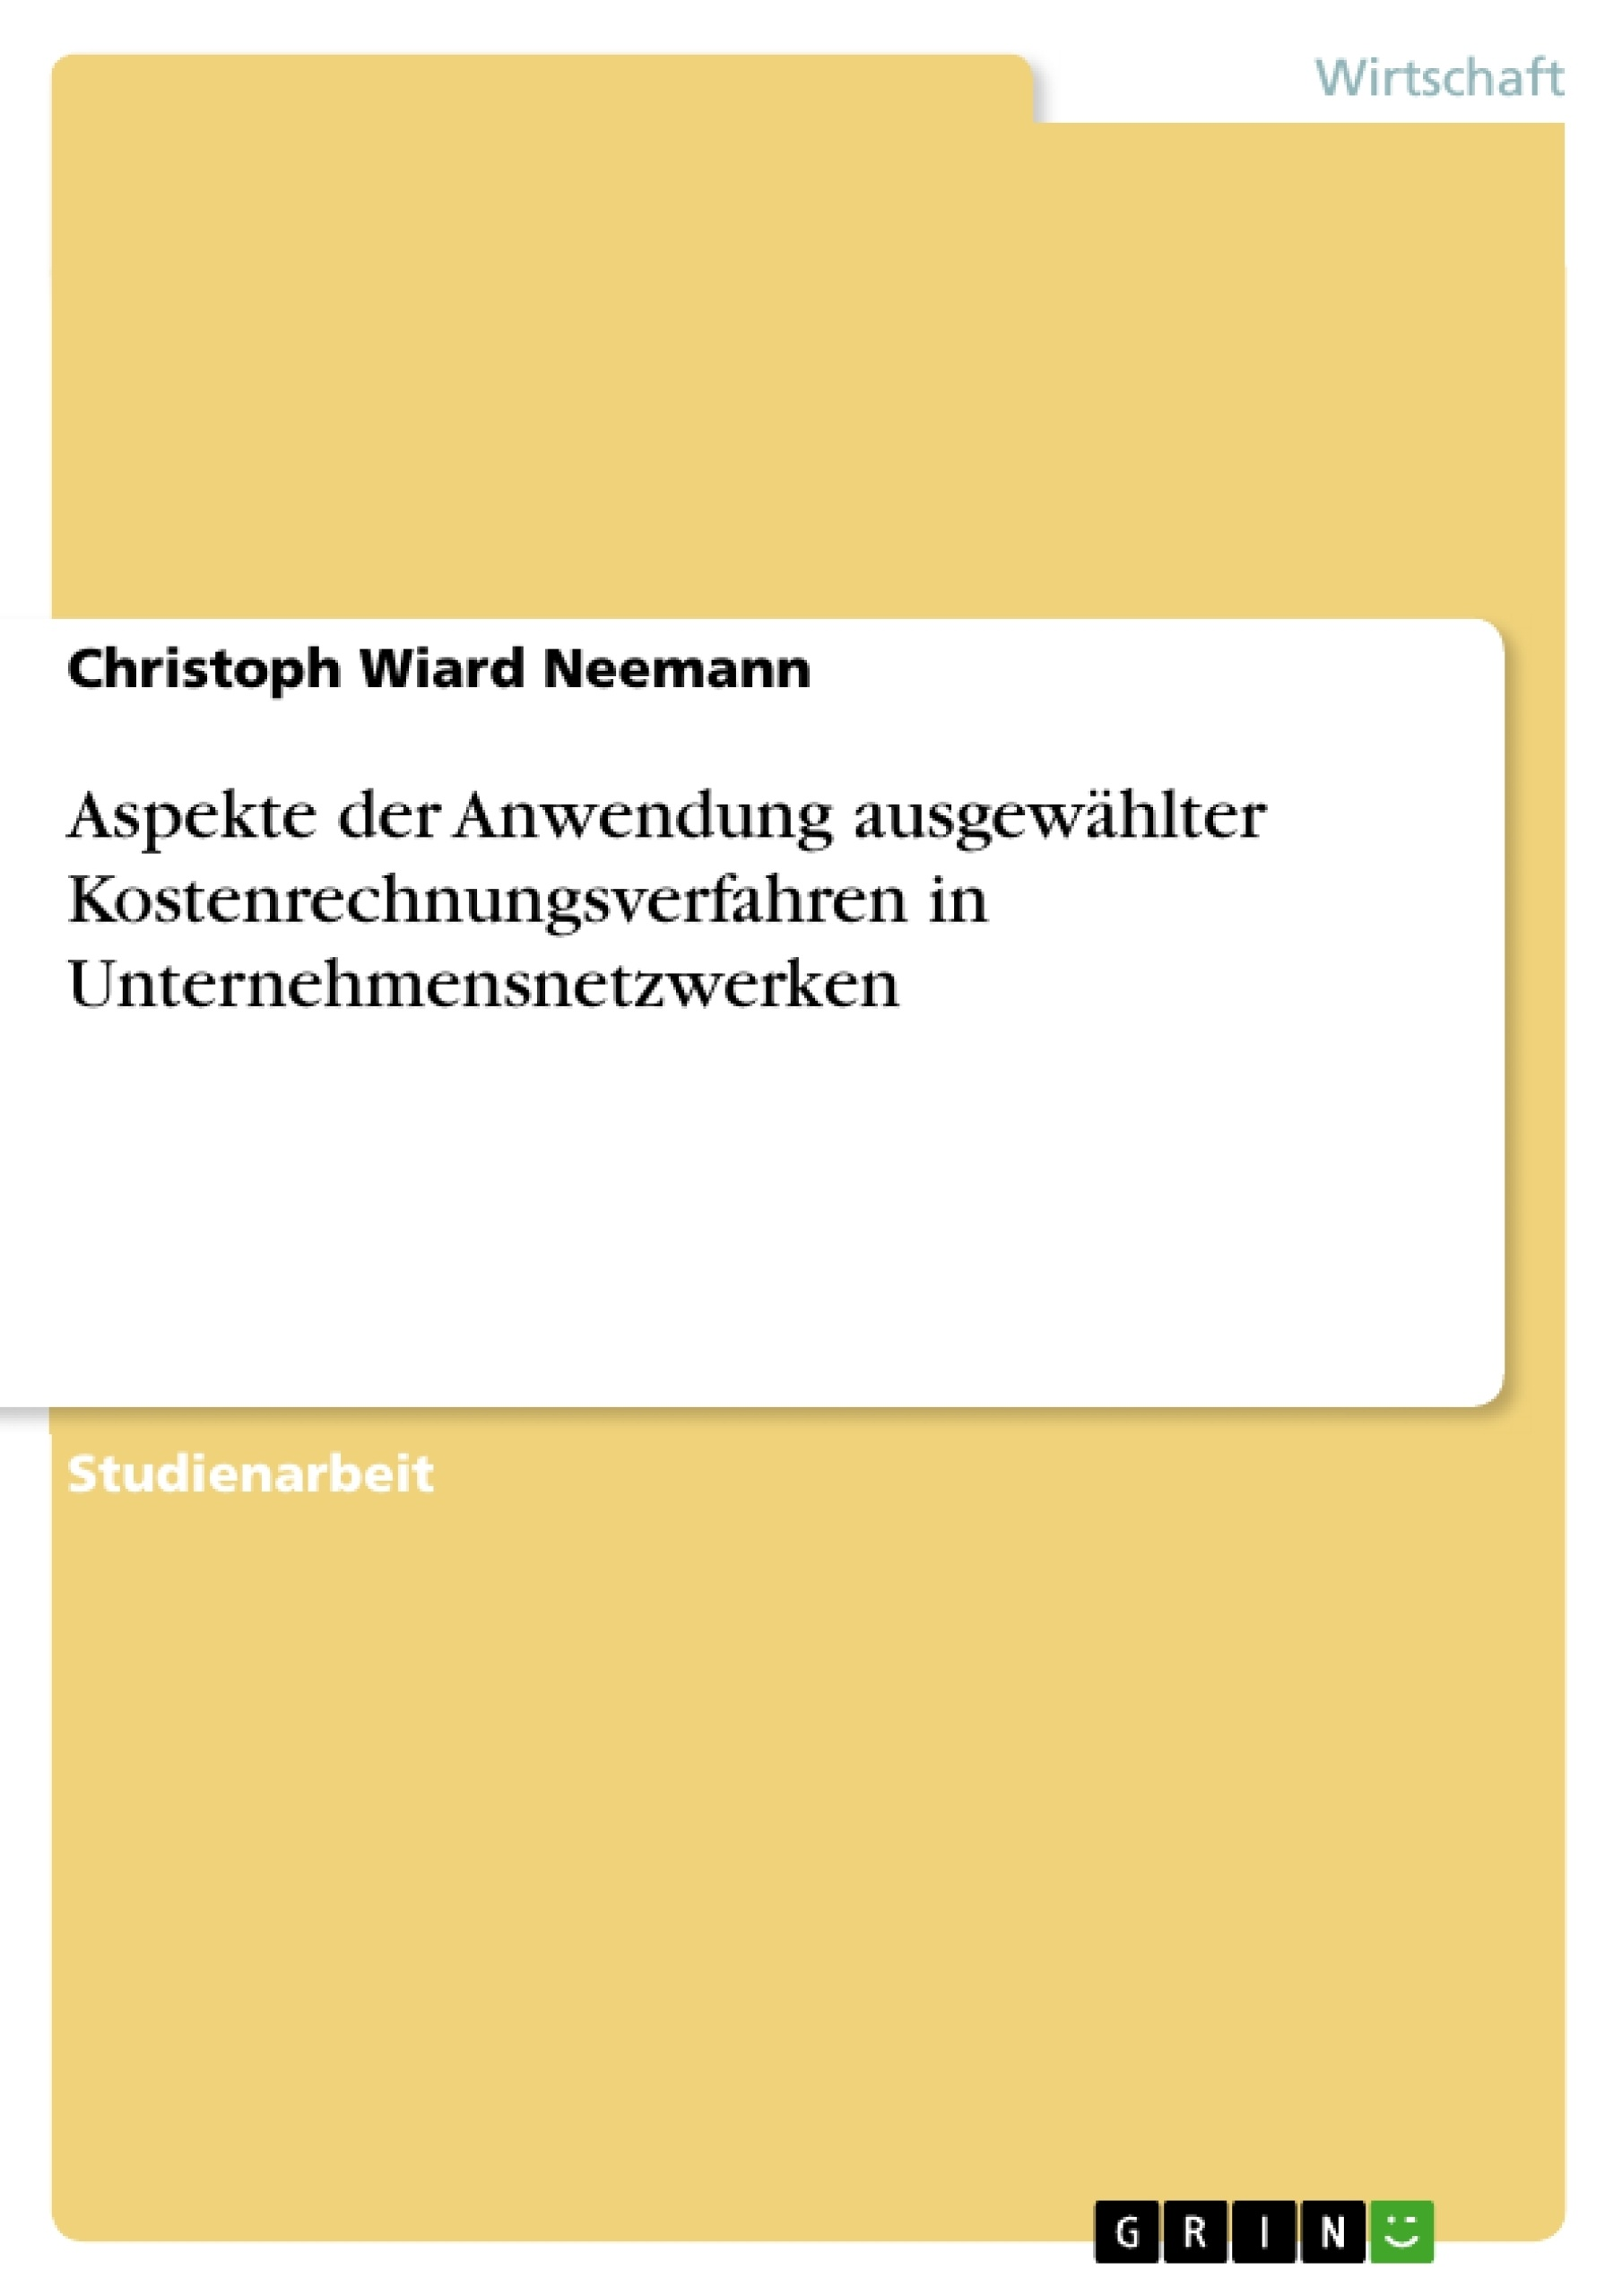 Titel: Aspekte der Anwendung ausgewählter Kostenrechnungsverfahren in Unternehmensnetzwerken